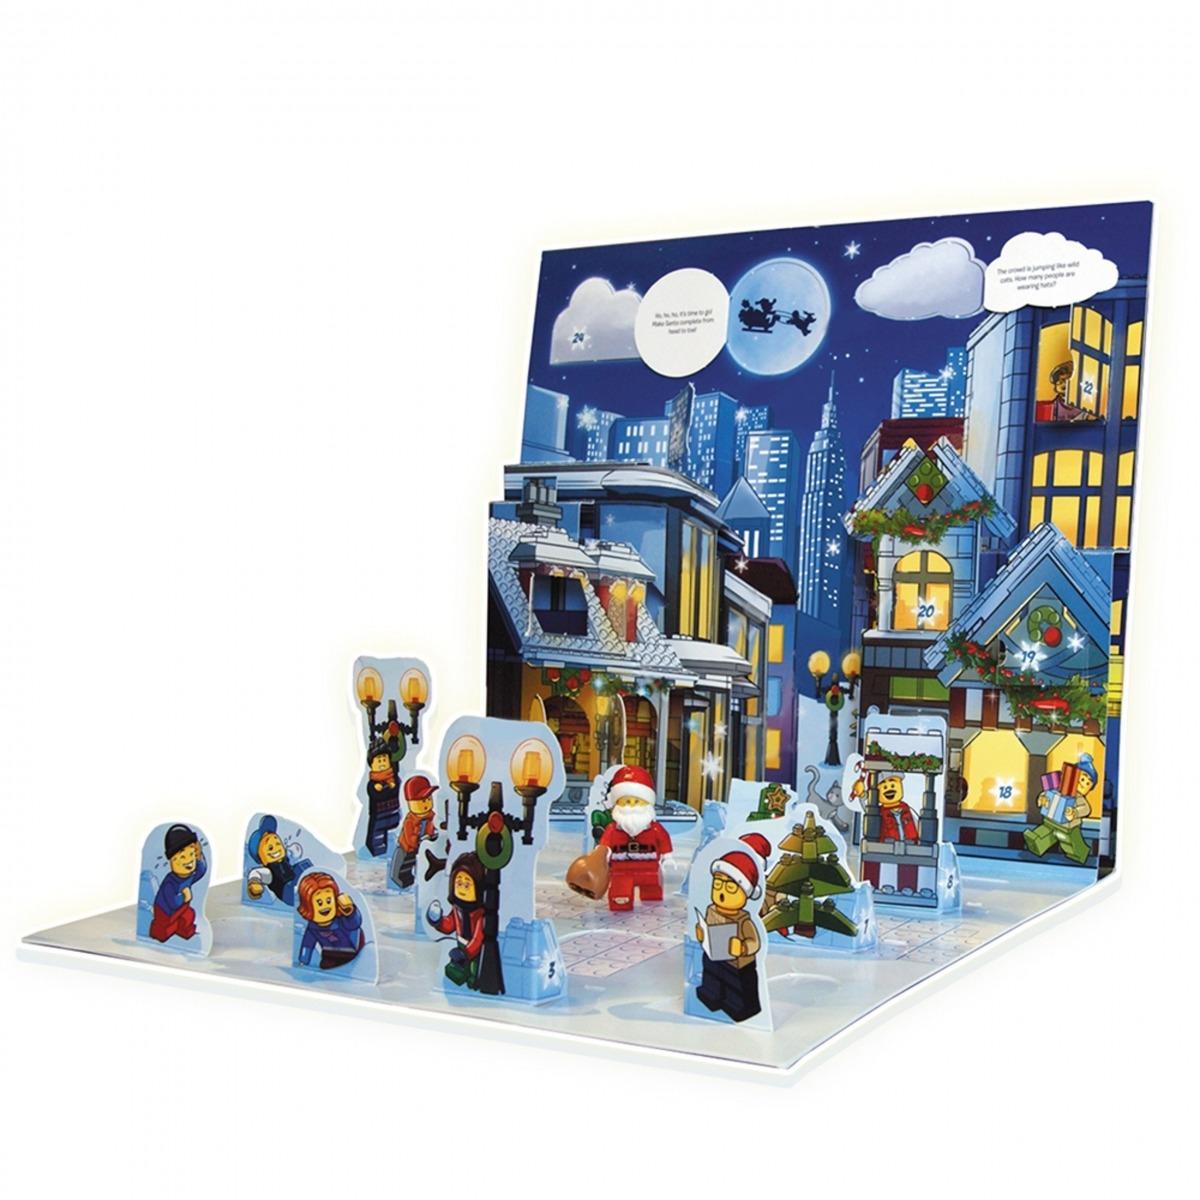 lego 5005697 weihnachtsbox 24 tage vorfreude scaled